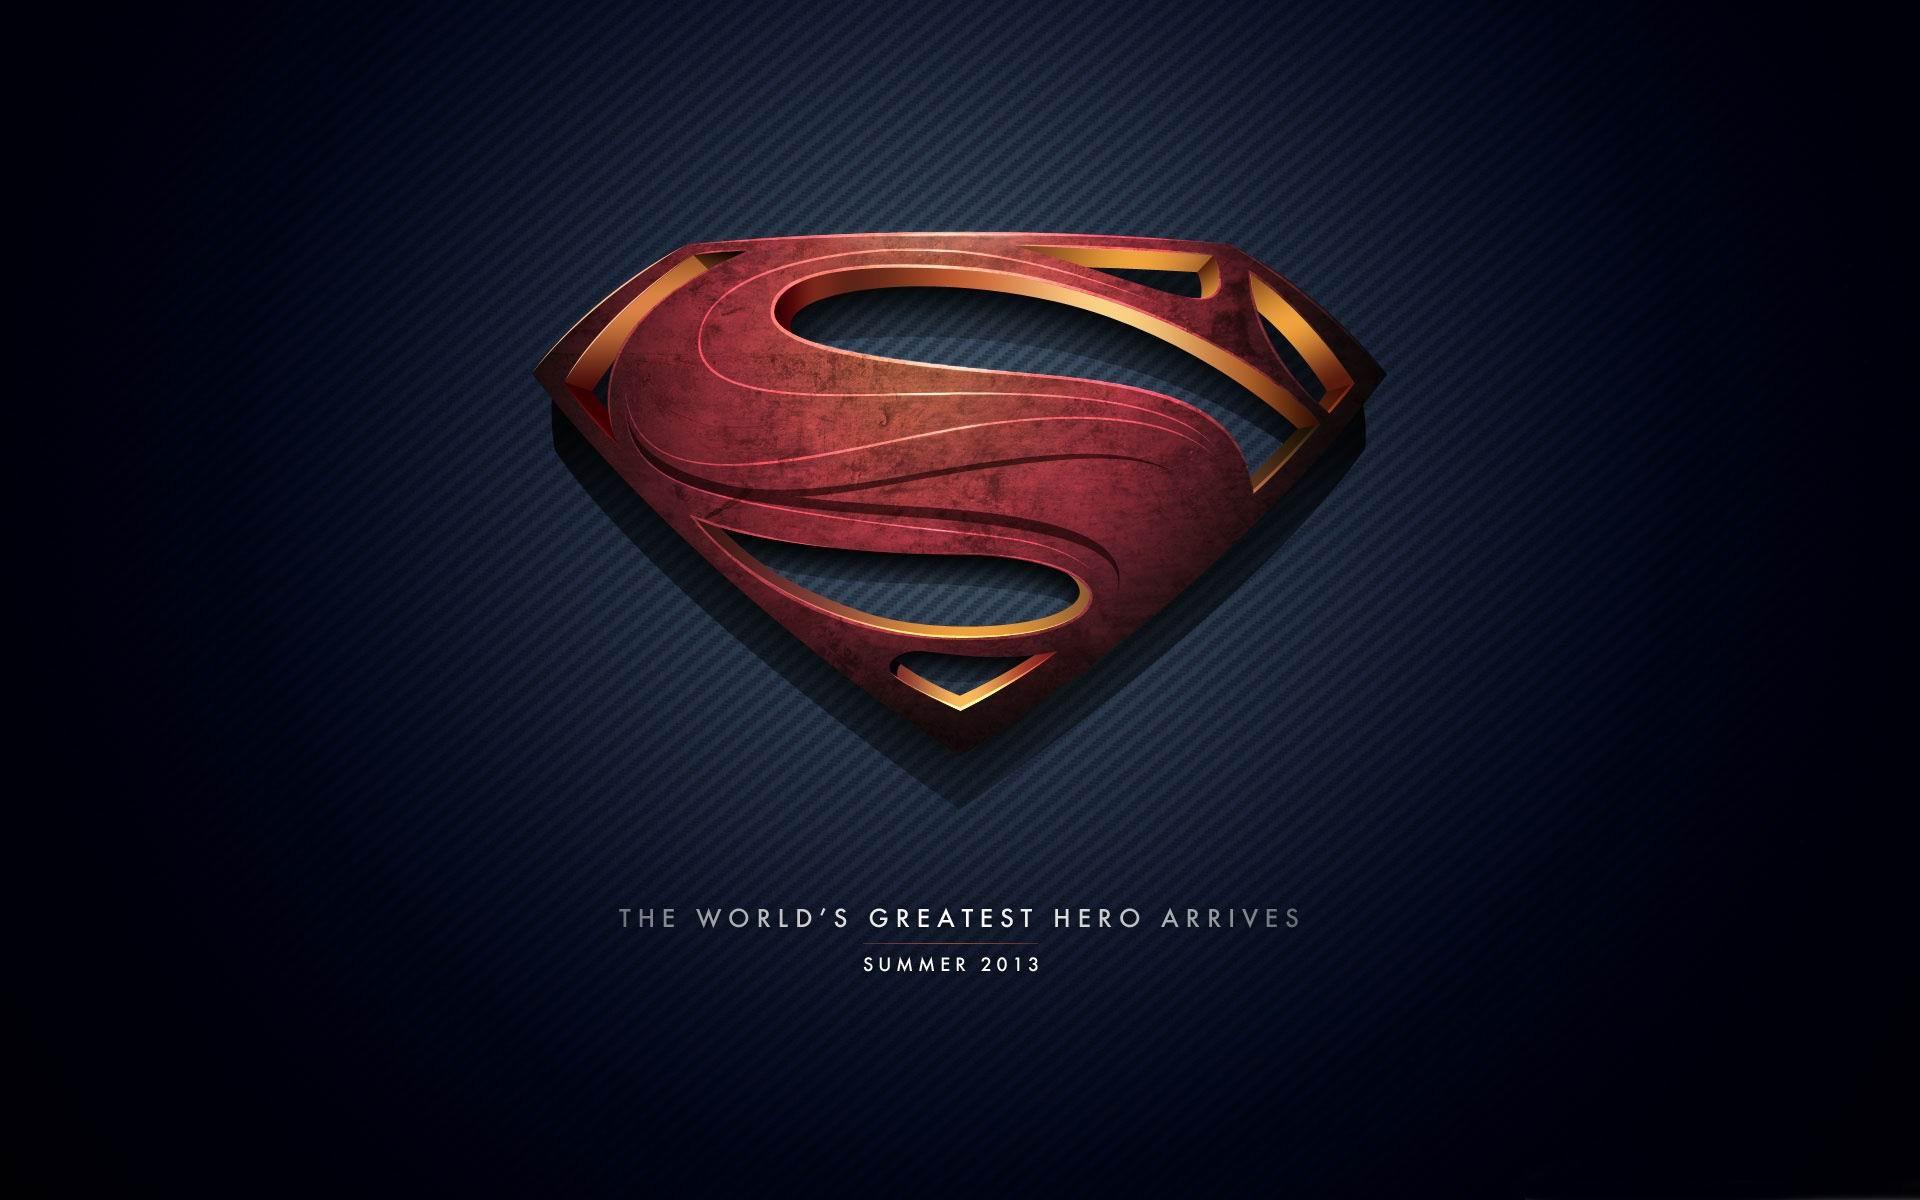 Superman Man Of Steel 2013 Movie HD Wallpaper 05   1920x1200 wallpaper 1920x1200